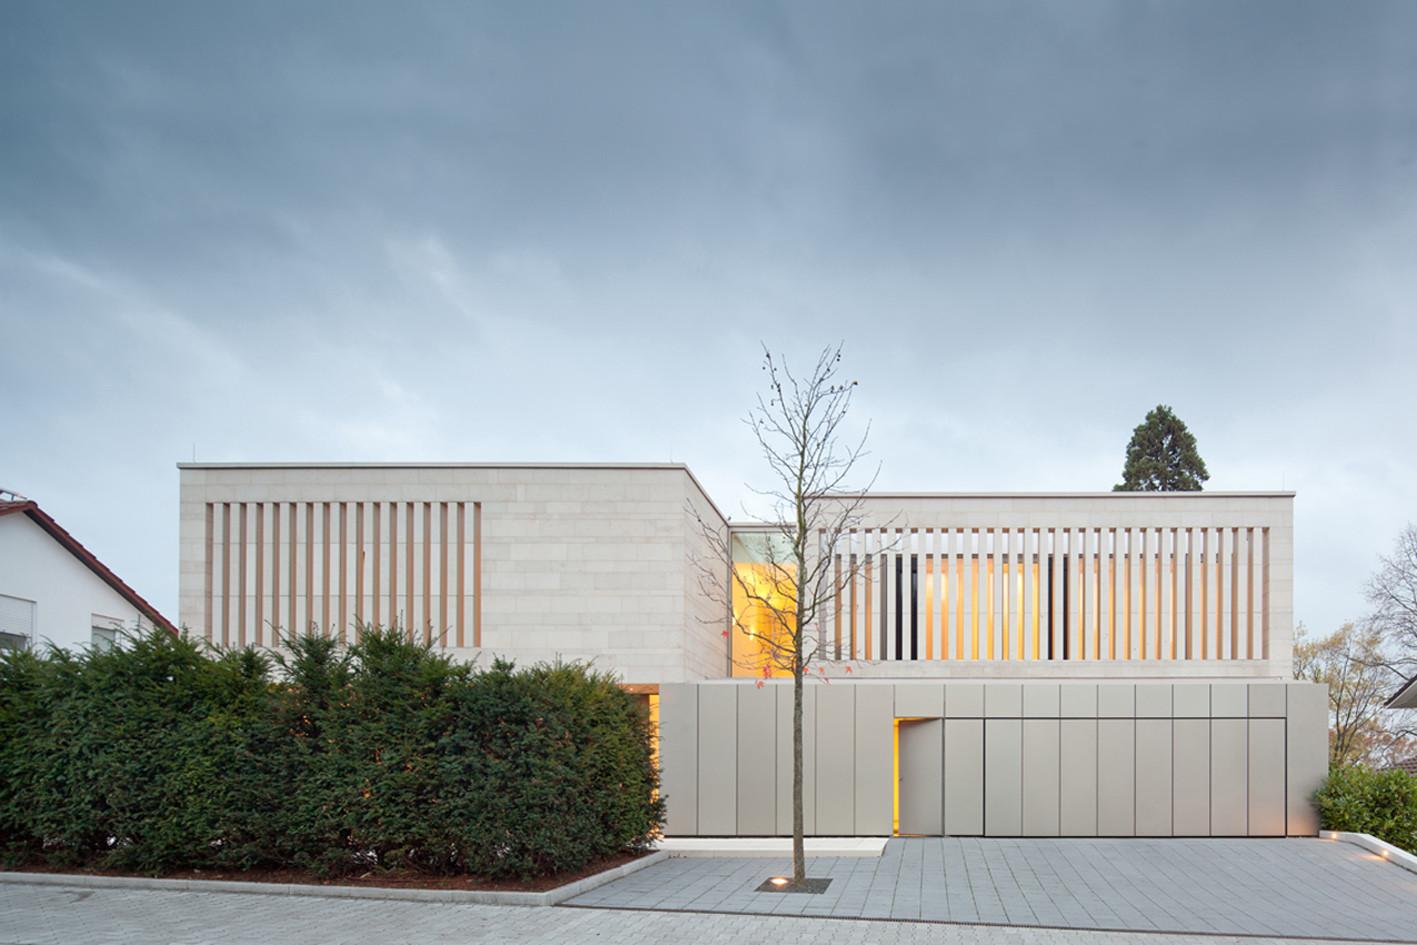 House P+G / Architekten Wannenmacher+ Möller GmbH, © Jose Campos